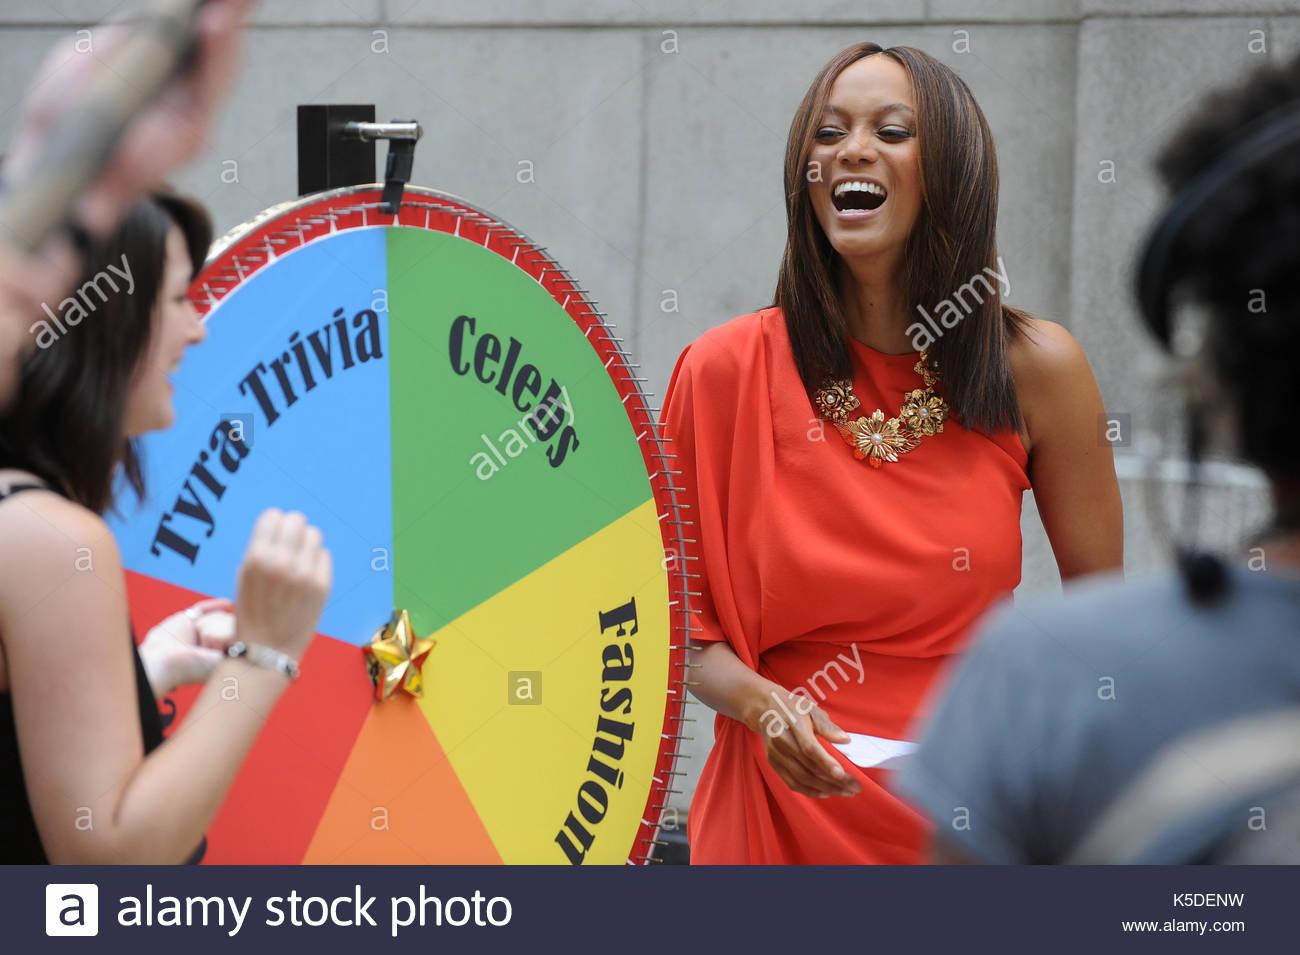 The Tyra Banks Show - Episode Guide - TV.com